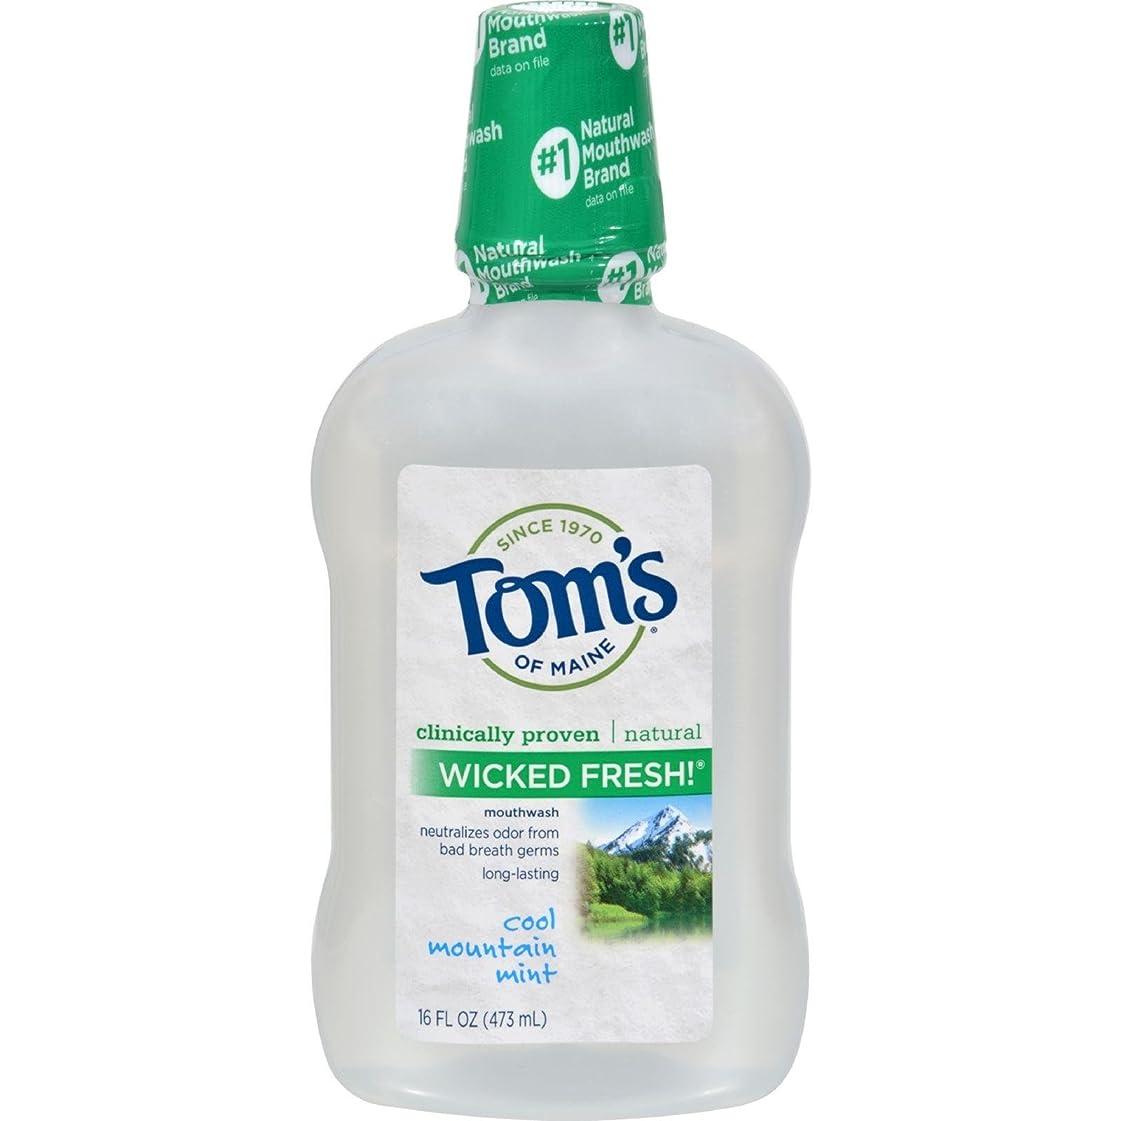 釈義人形欠伸Tom's of Maine メインうがい薬WkdfrshミントMNのトムズ